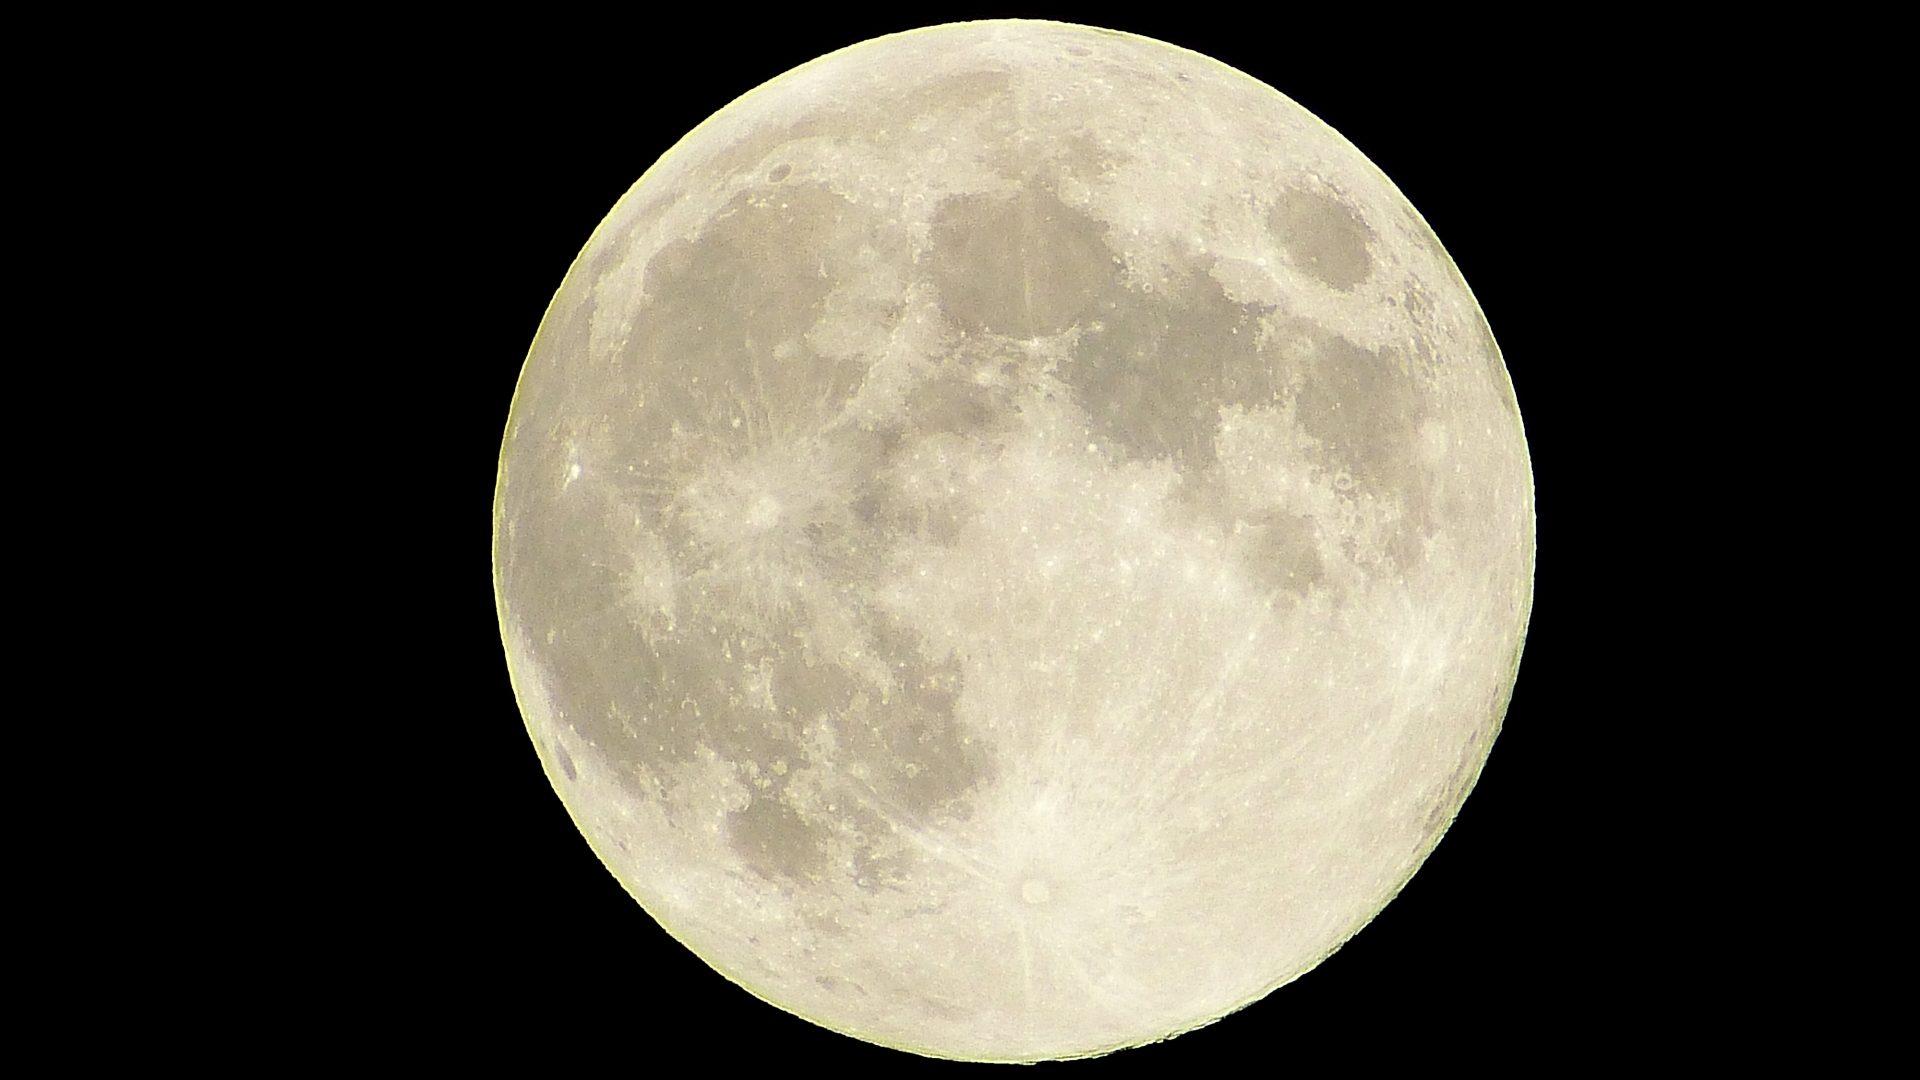 【満月/バクムーン】2021年7月の満月は7月24日(土) さいたま新都心では見られる?